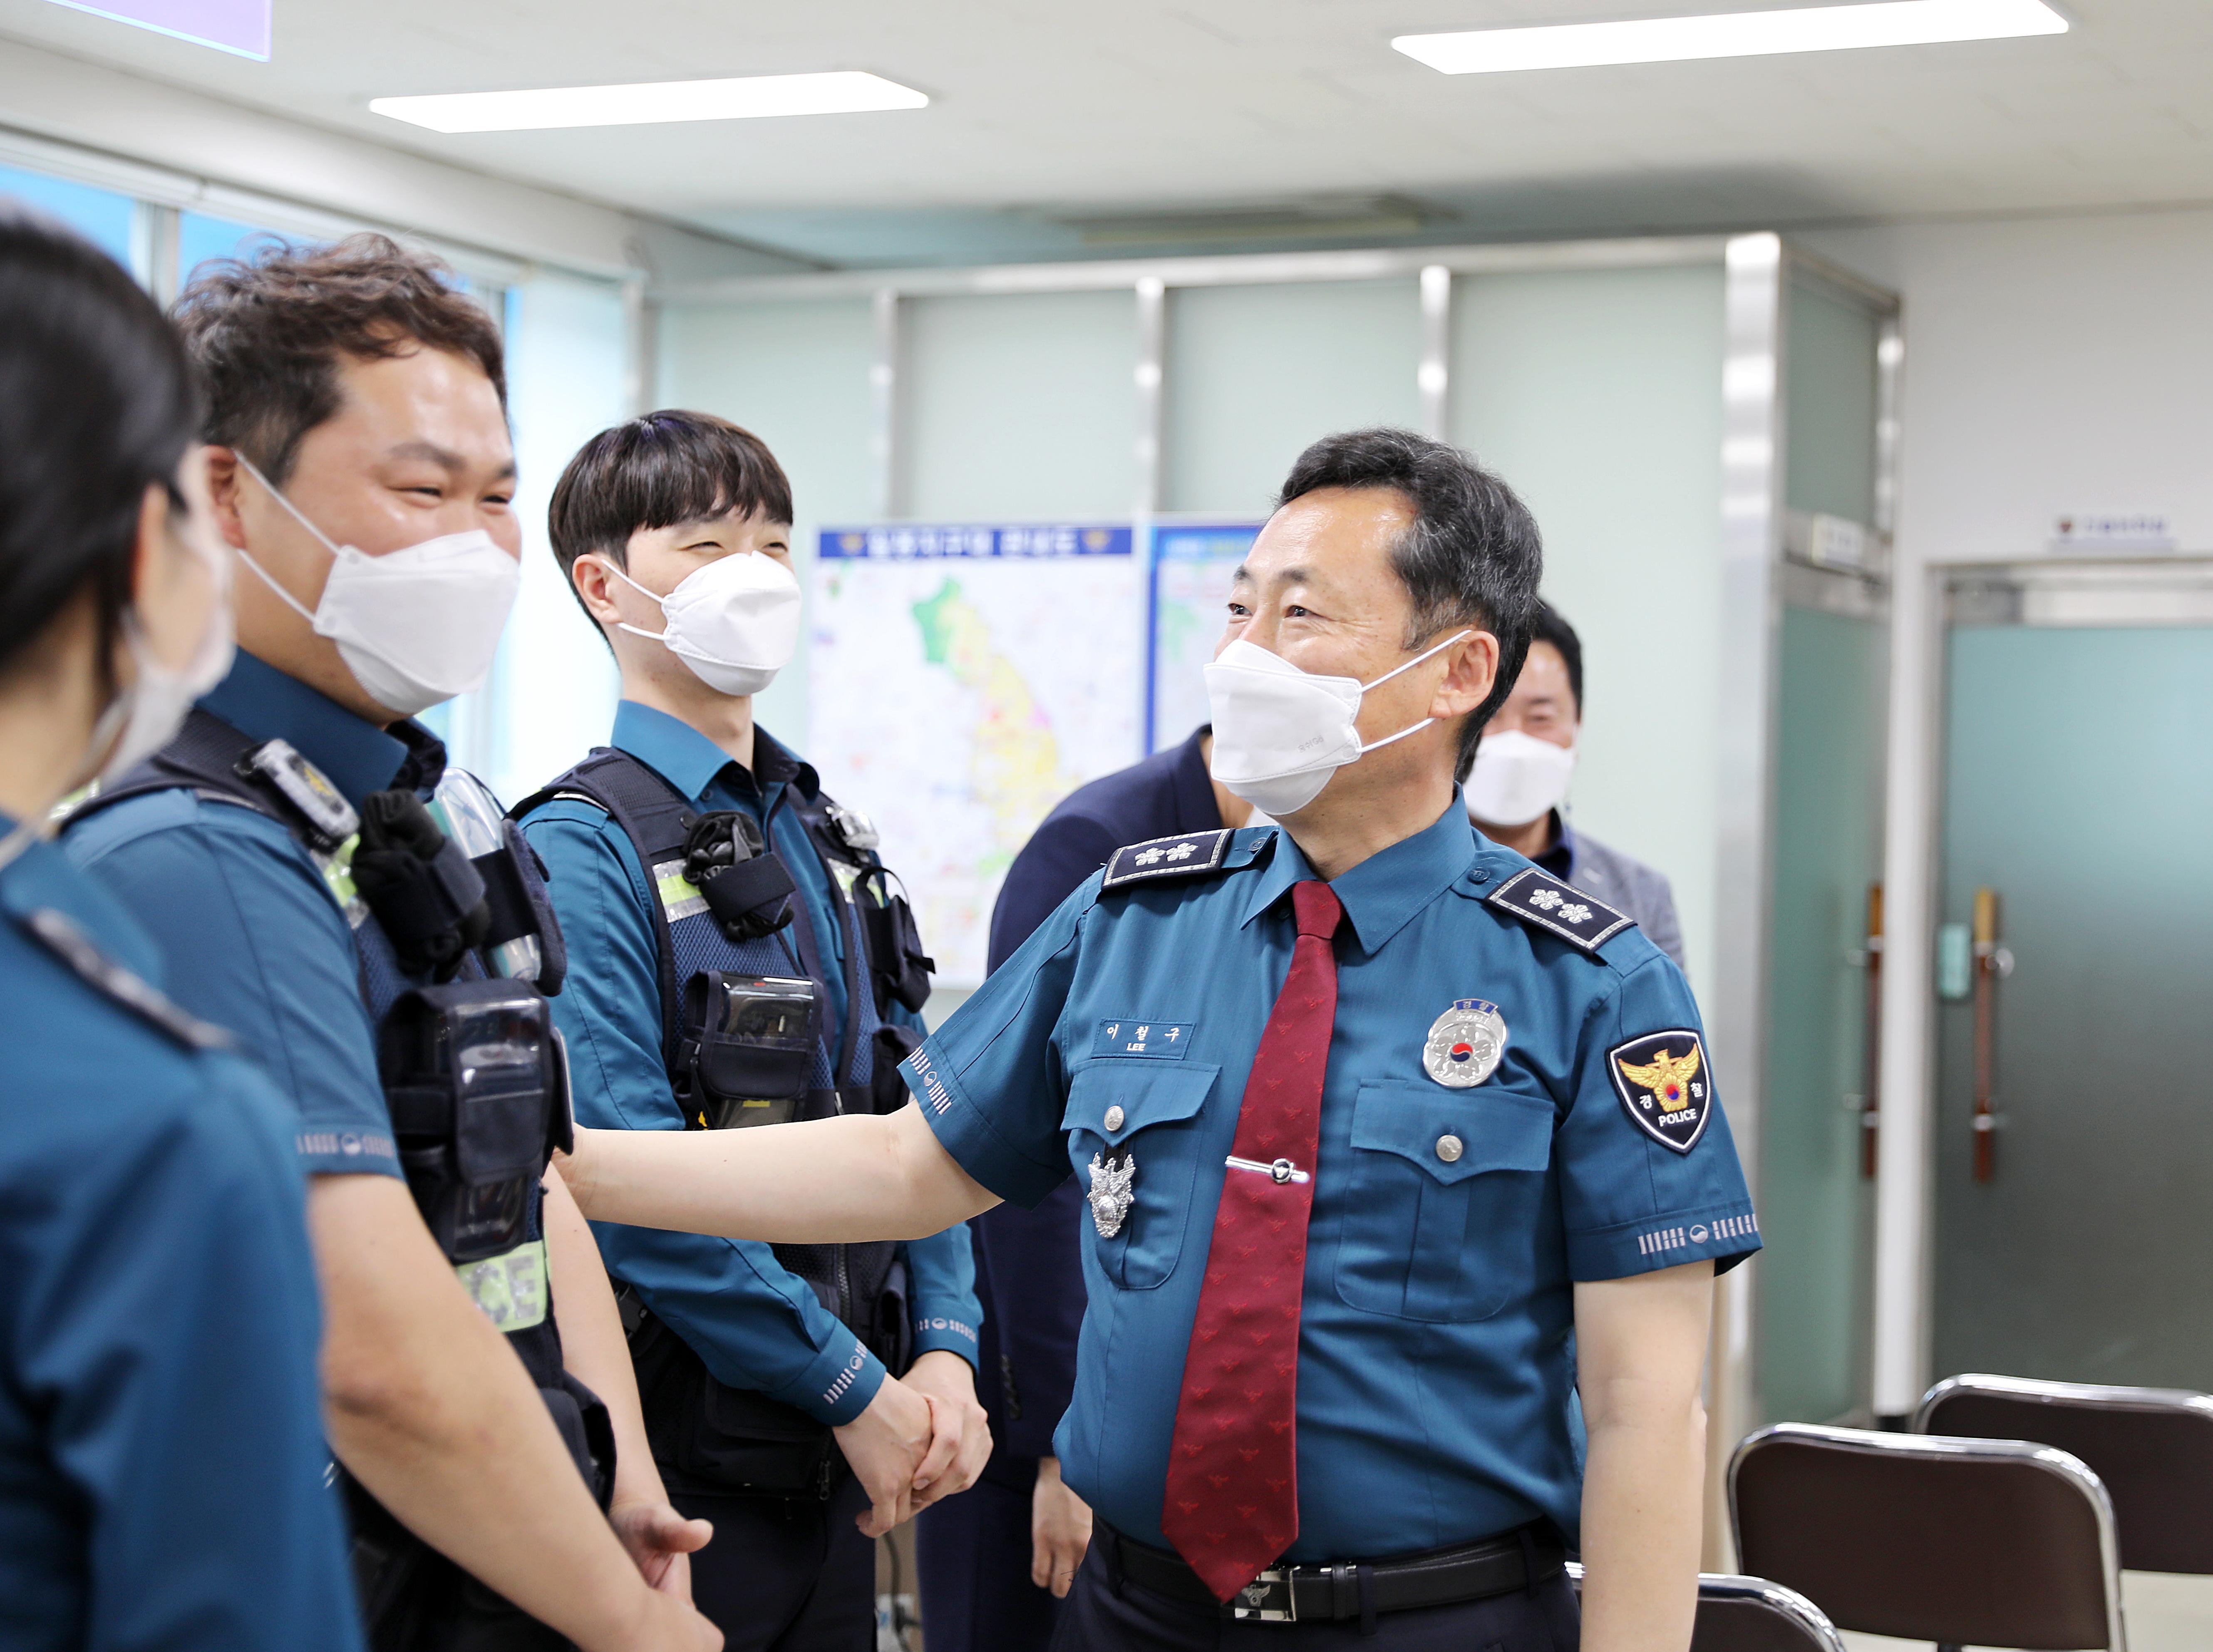 이철구 충남경찰청장 일봉지구대 현장방문!